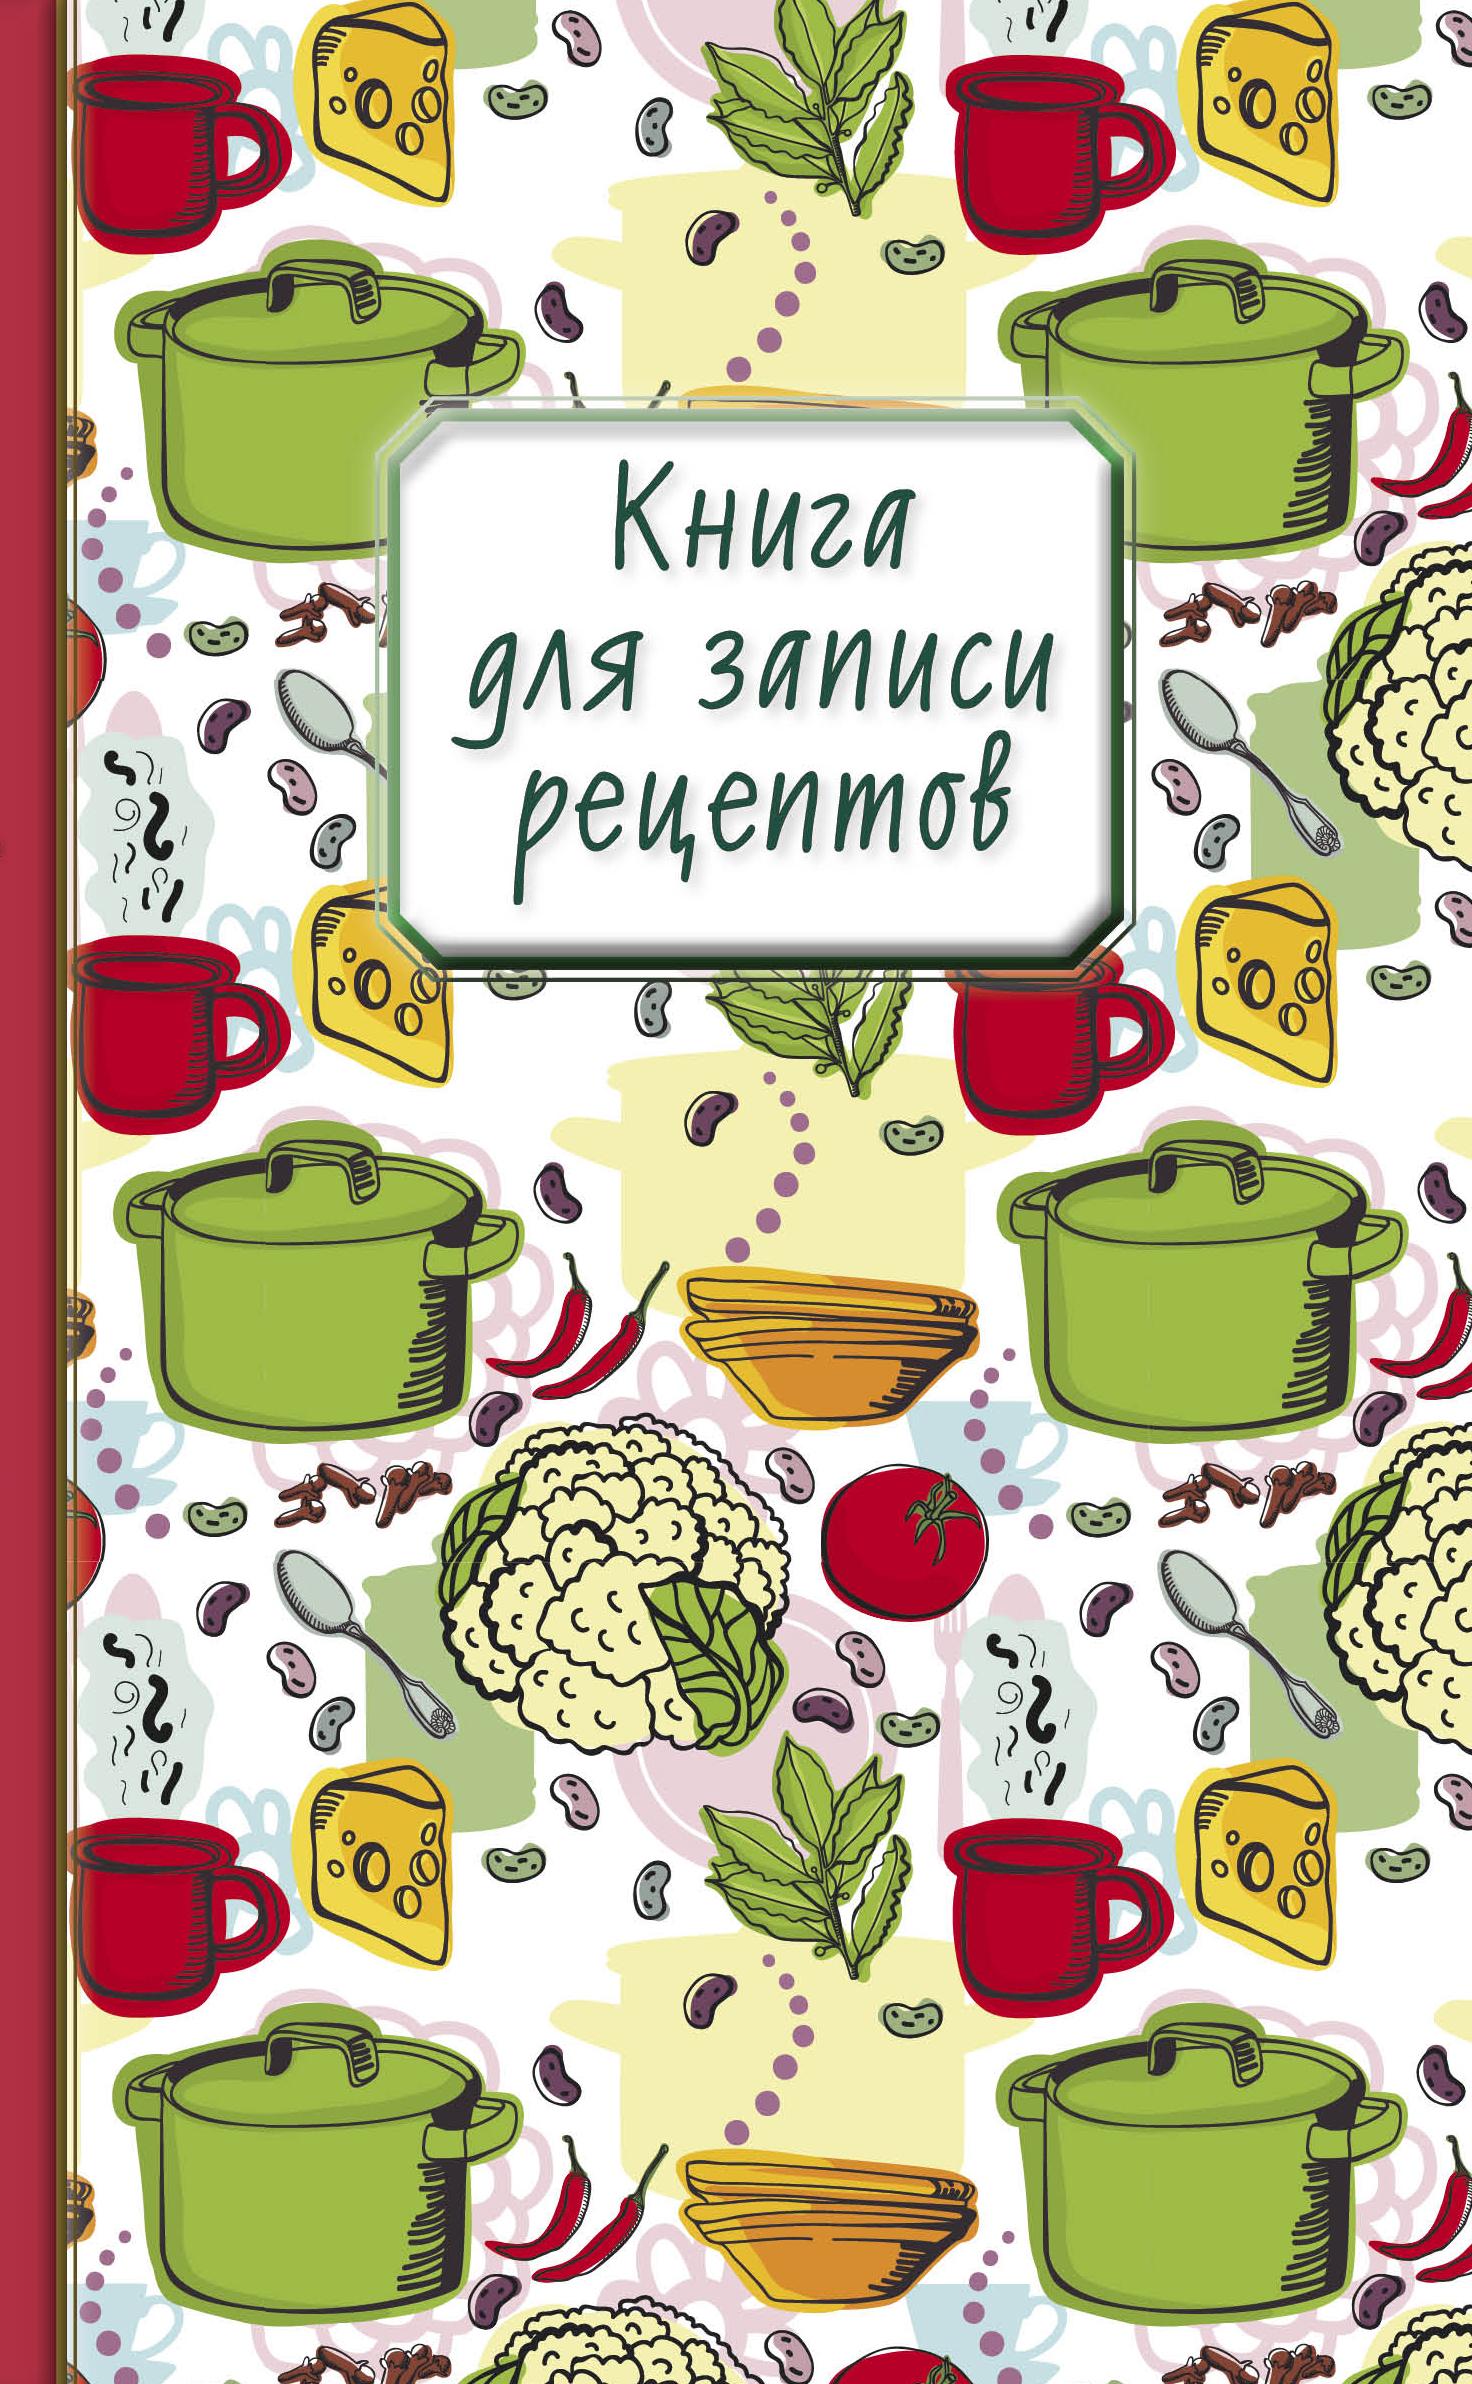 Книга для записи рецептов (капуста) книга рецептов